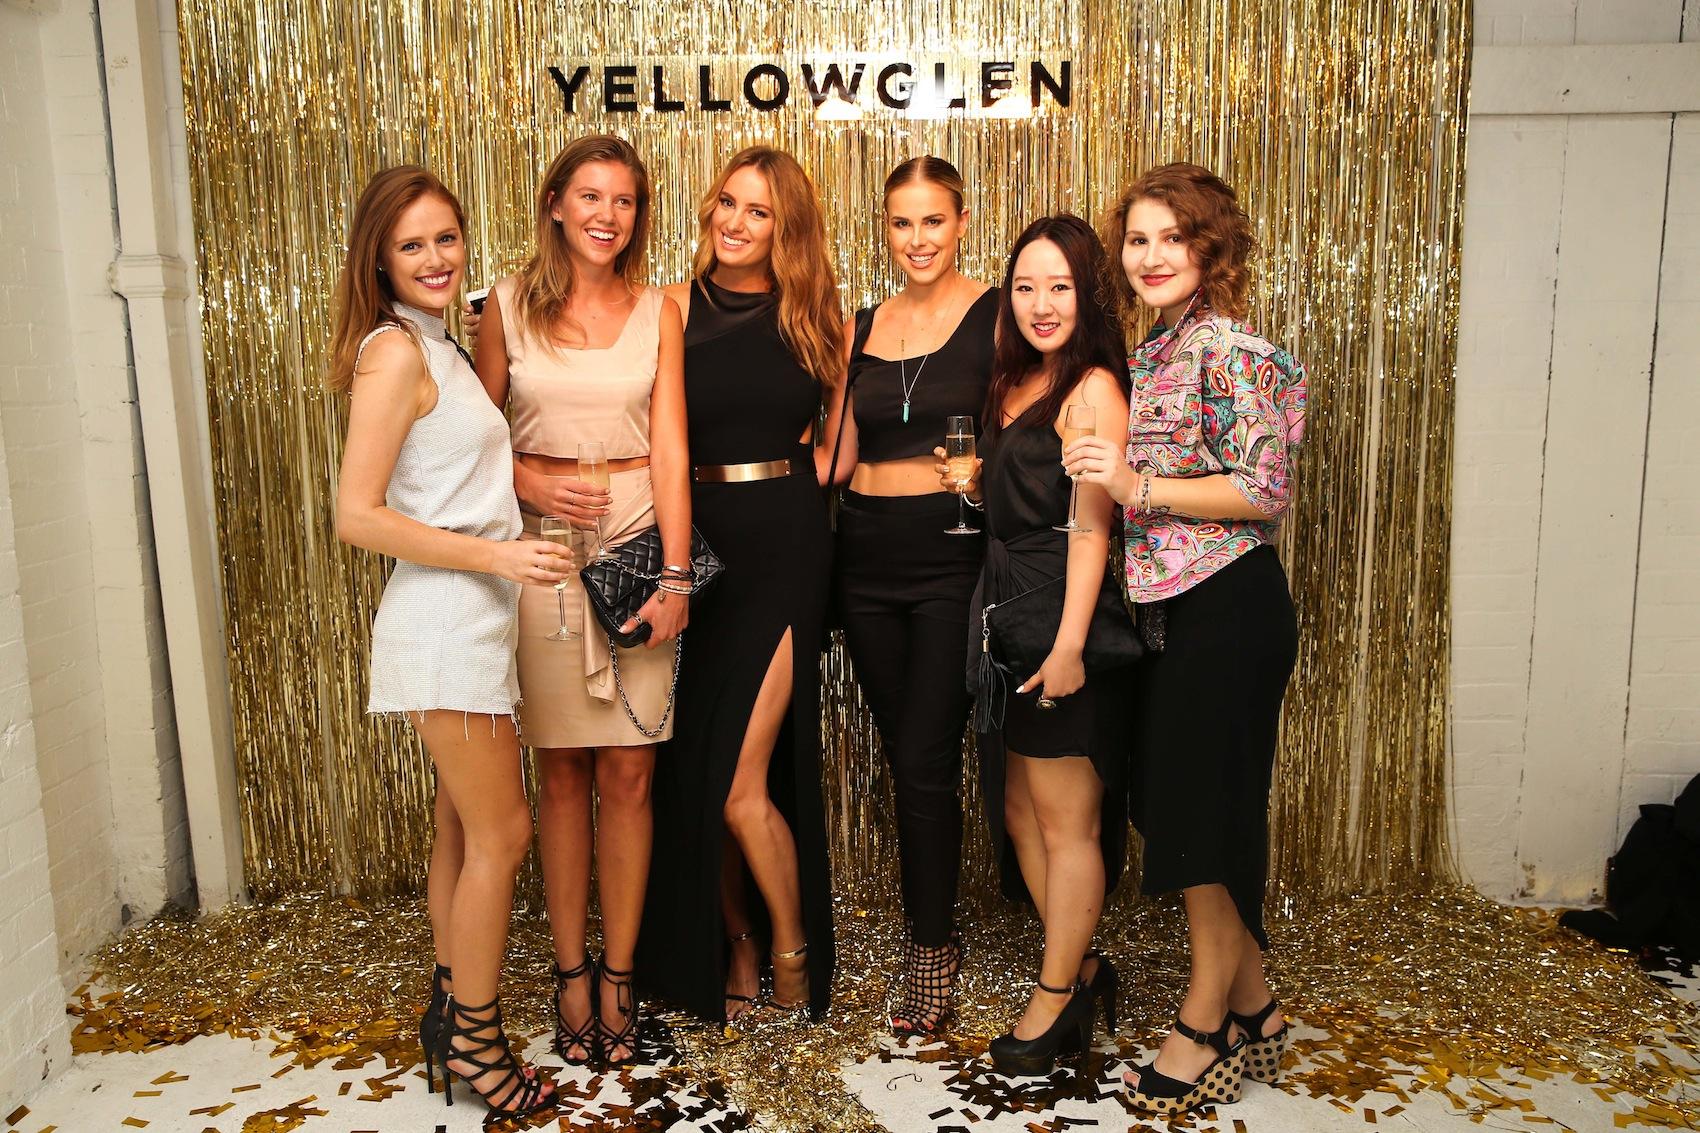 yellowglen-sparkle-guest-4.jpg